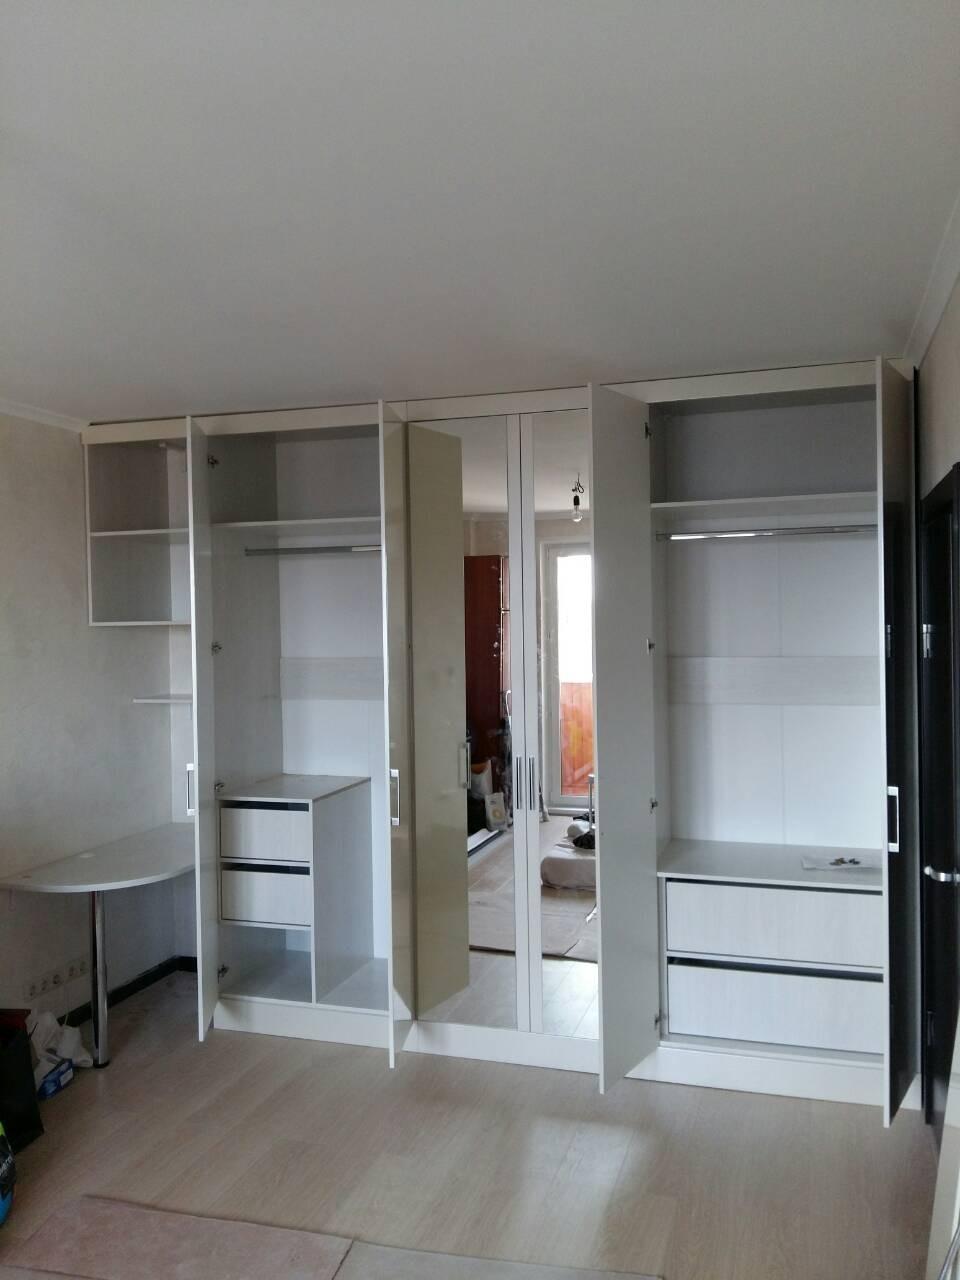 Распашной шкаф с интересным функционалом